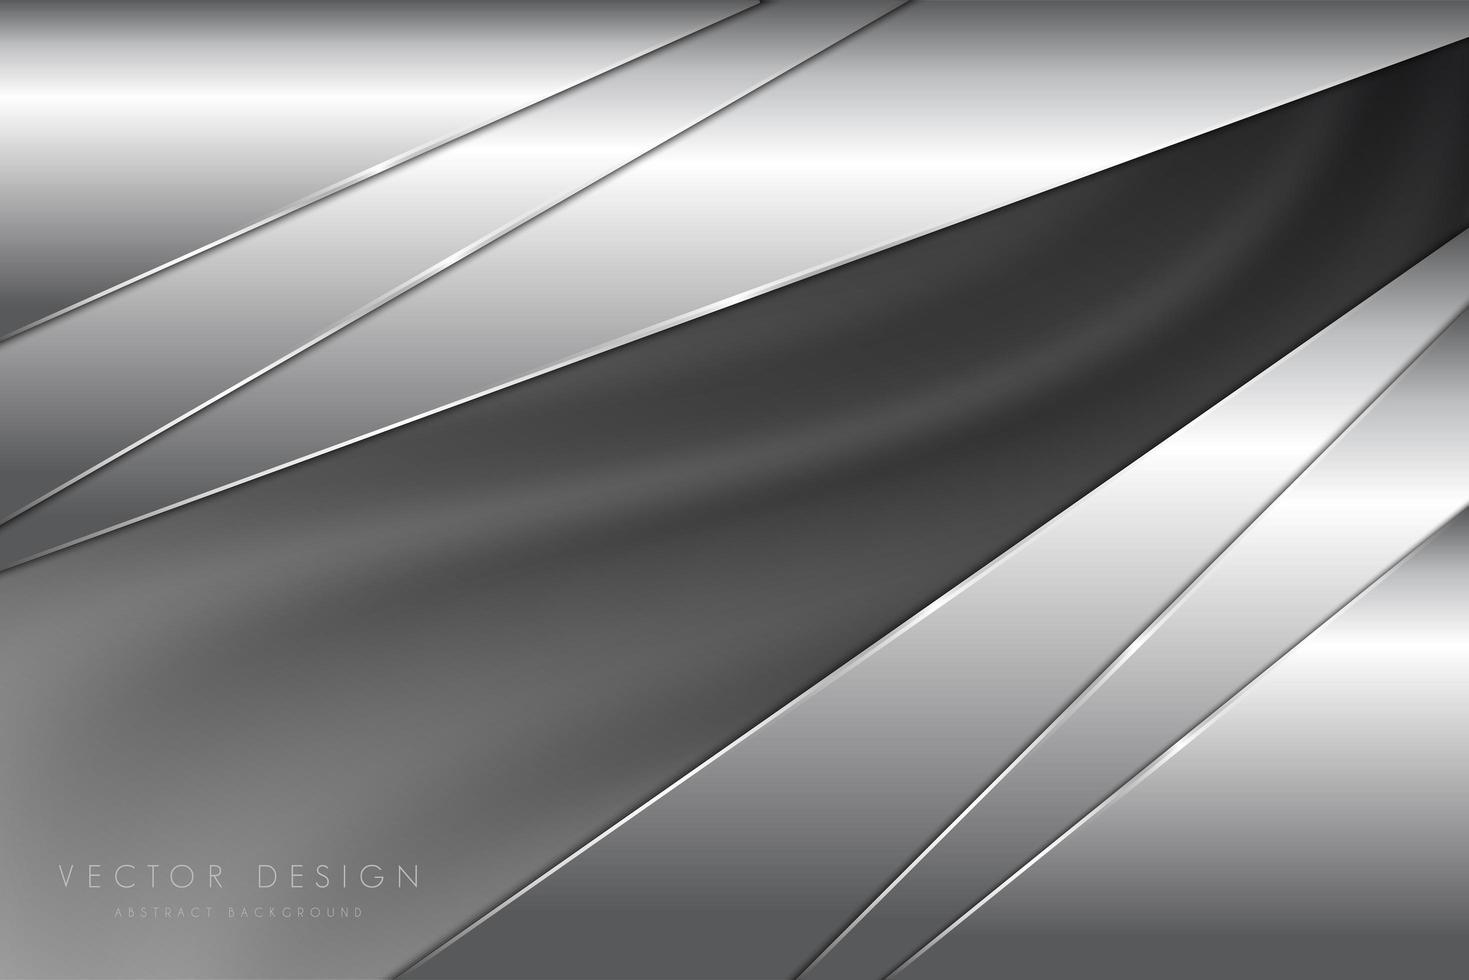 panneaux coudés gris métallisés à texture de soie vecteur